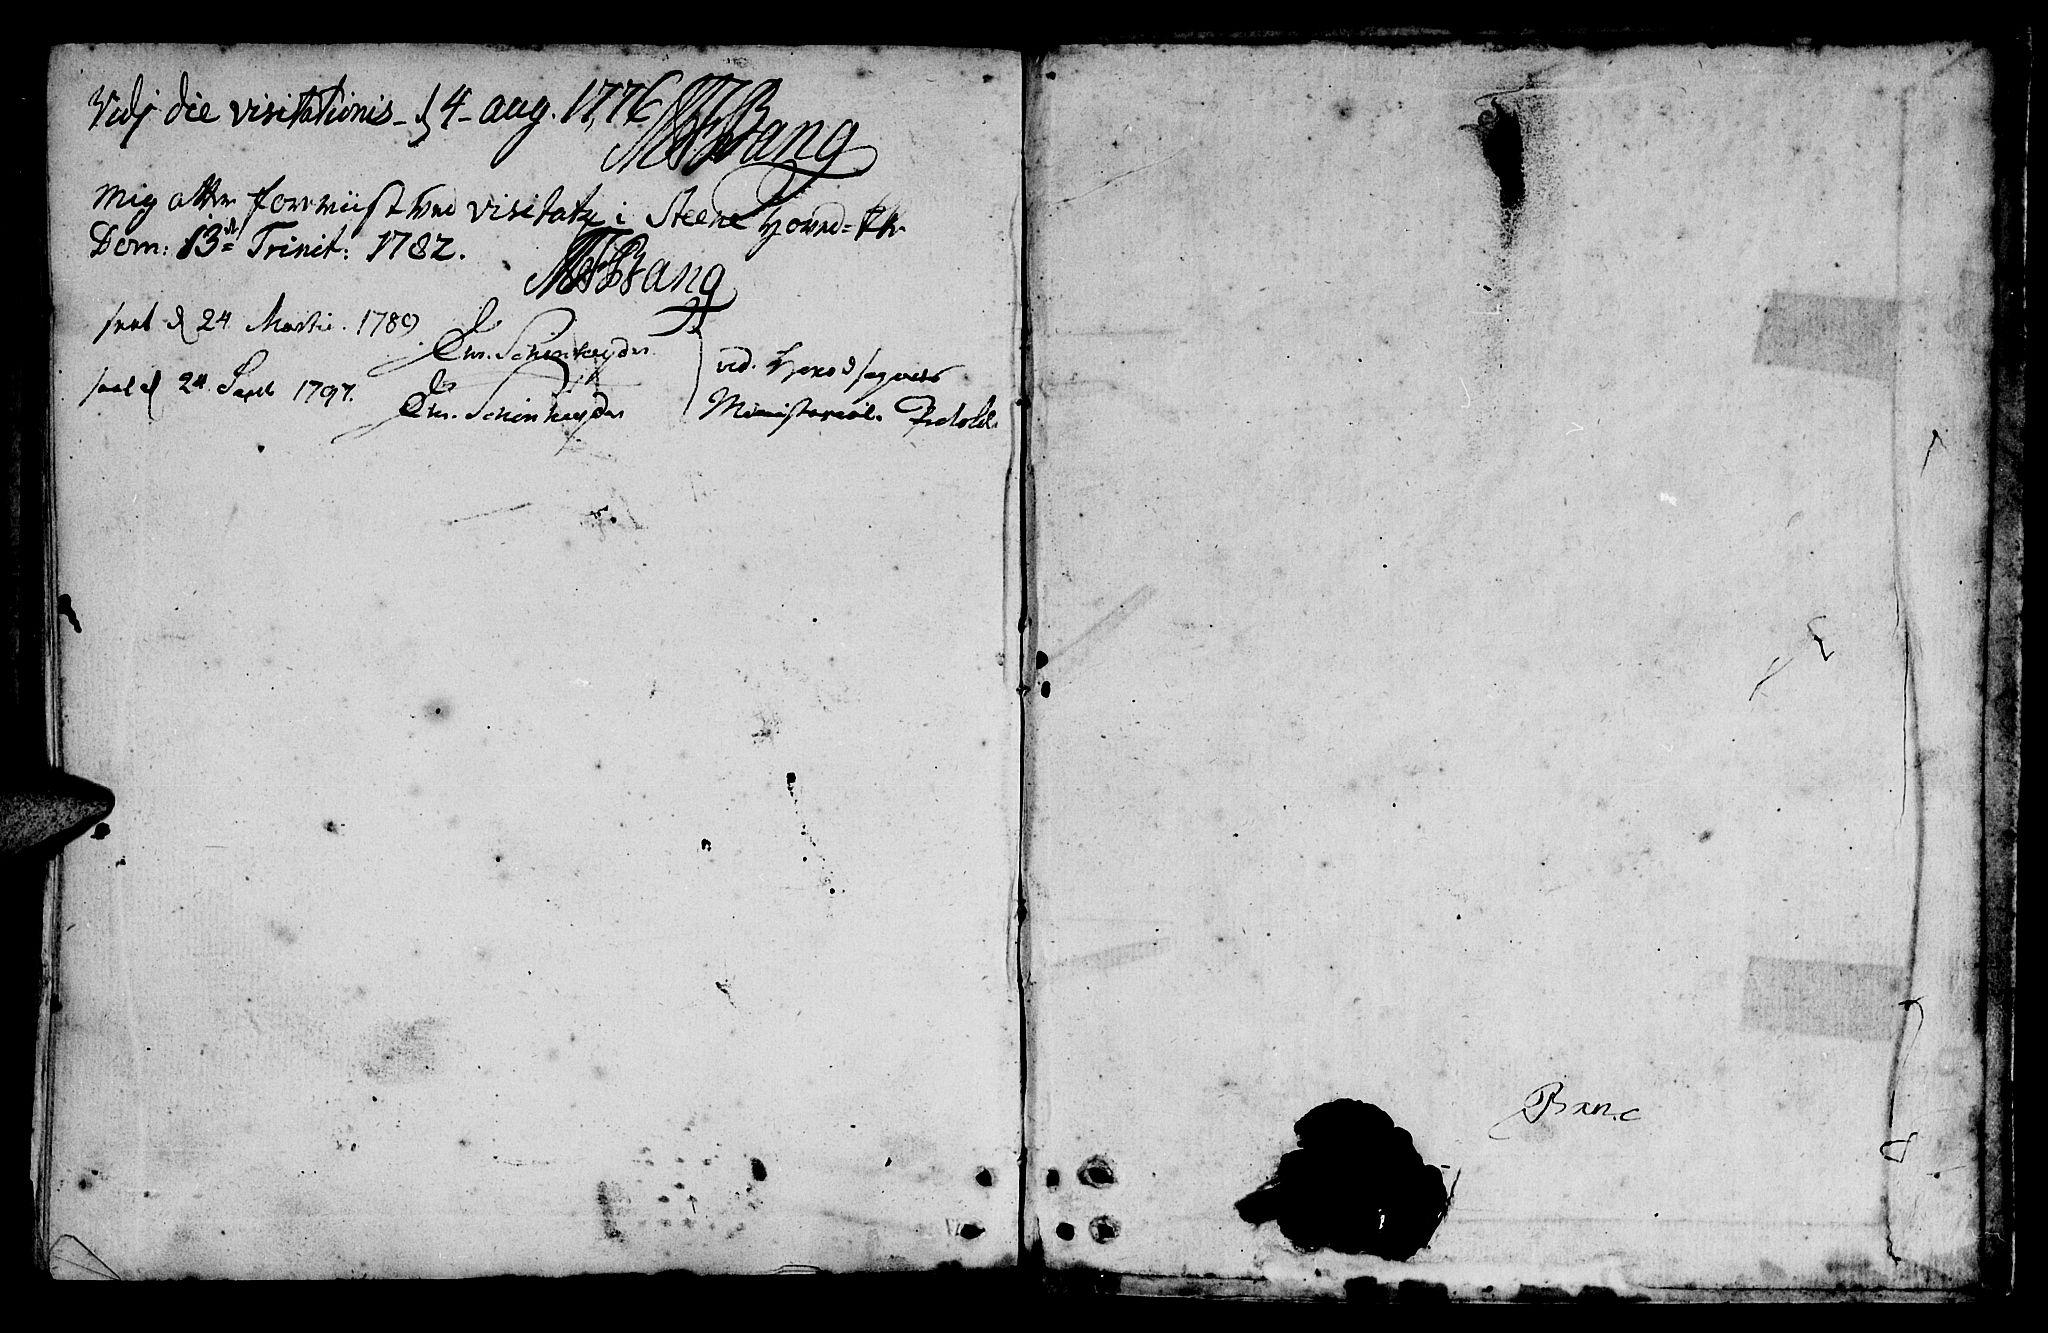 SAT, Ministerialprotokoller, klokkerbøker og fødselsregistre - Sør-Trøndelag, 666/L0784: Ministerialbok nr. 666A02, 1754-1802